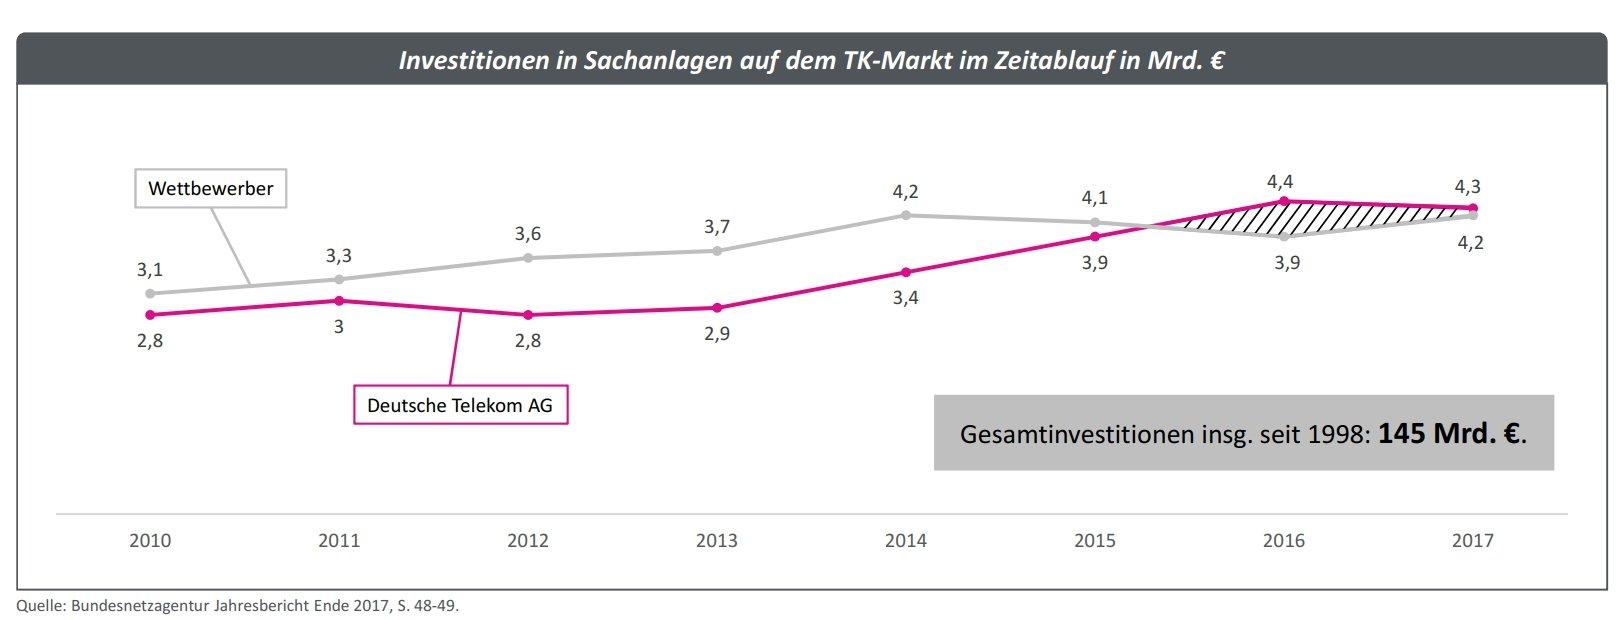 Breitbandausbau: Investitionen von Telekom und Wettbewerbern